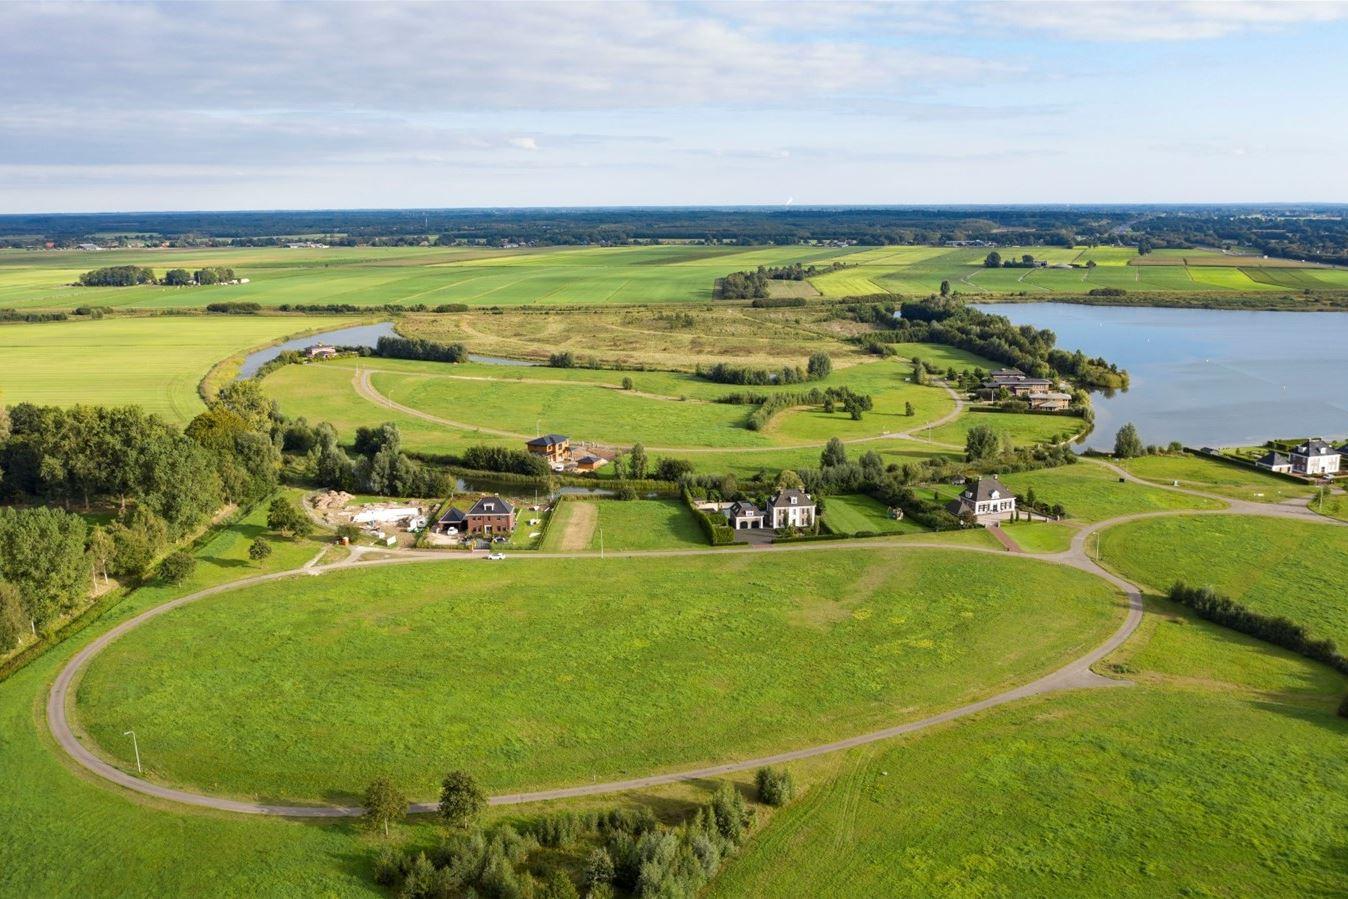 Bekijk foto 1 van Landgoed de Woldberg kavel 33